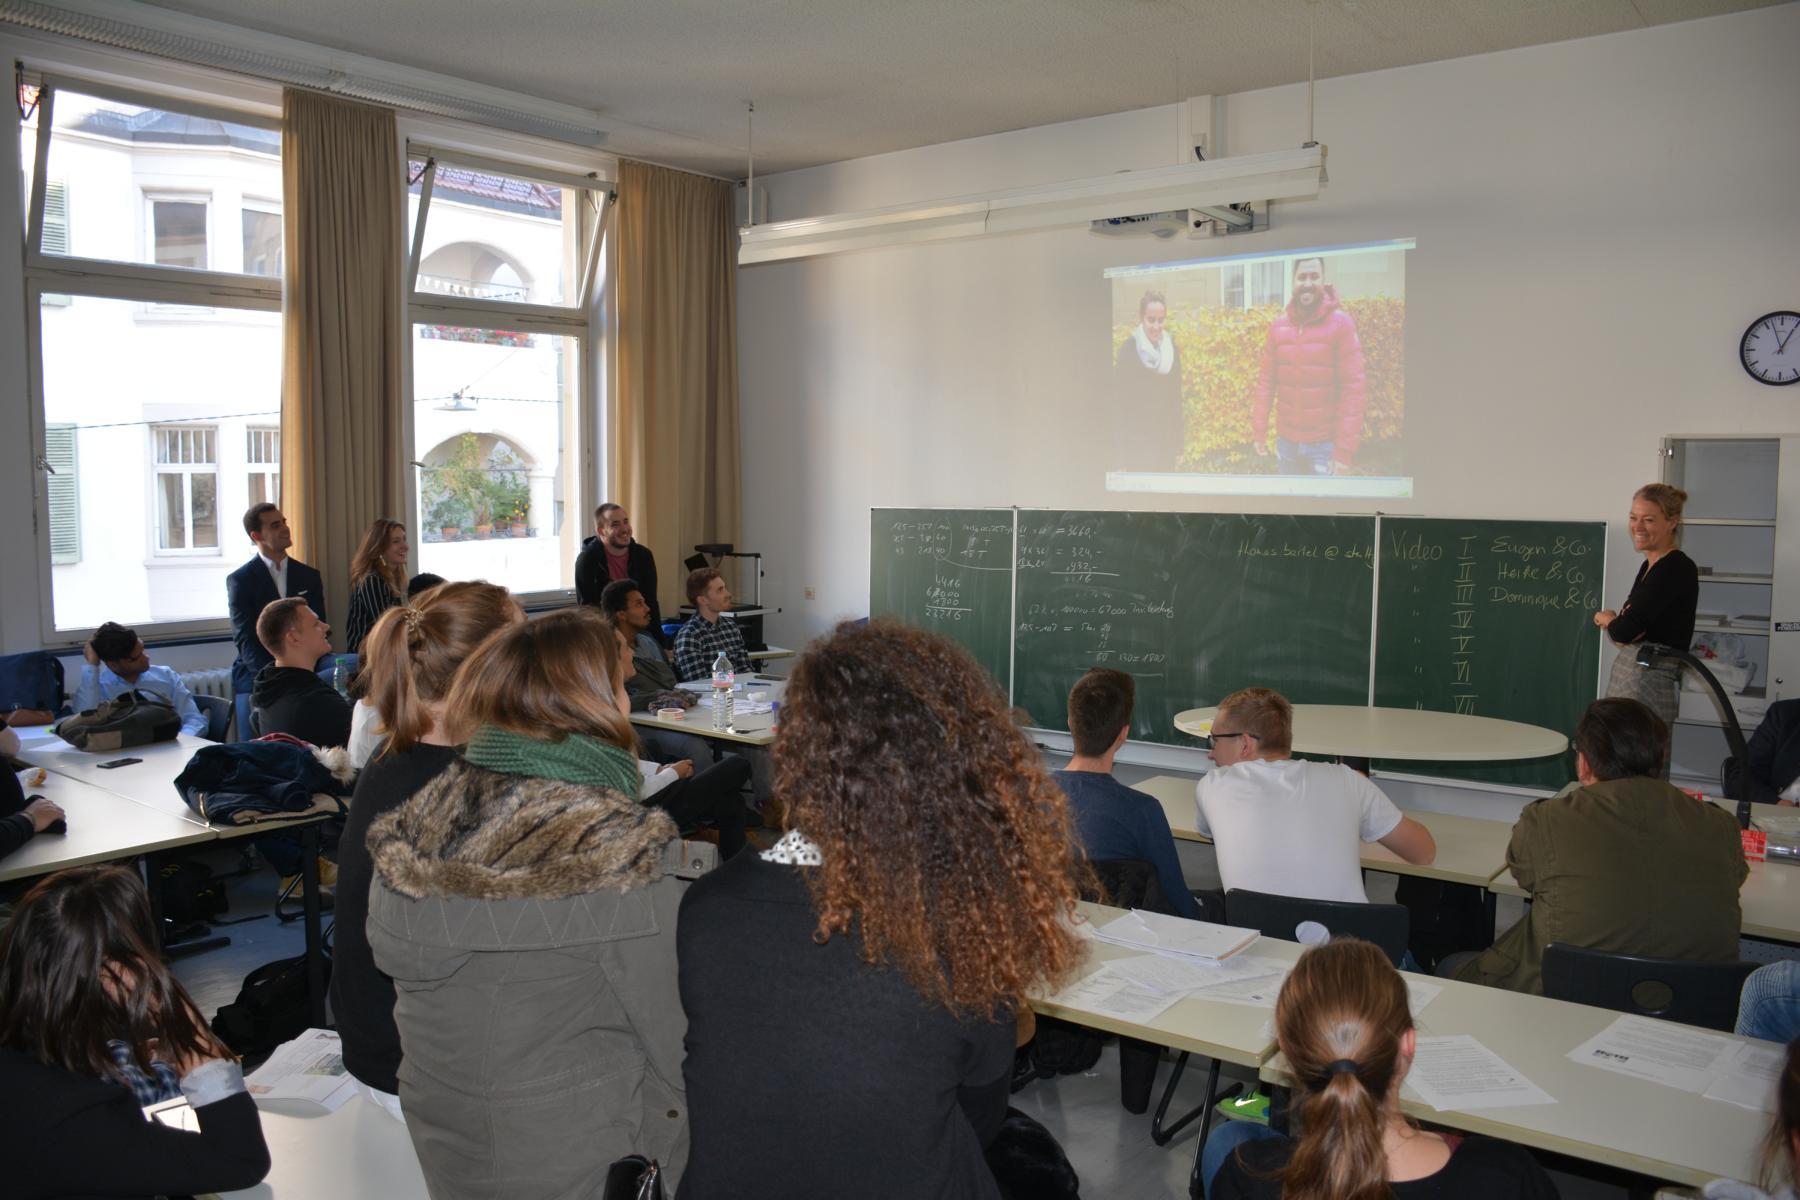 Presentación de los explain-it-videos